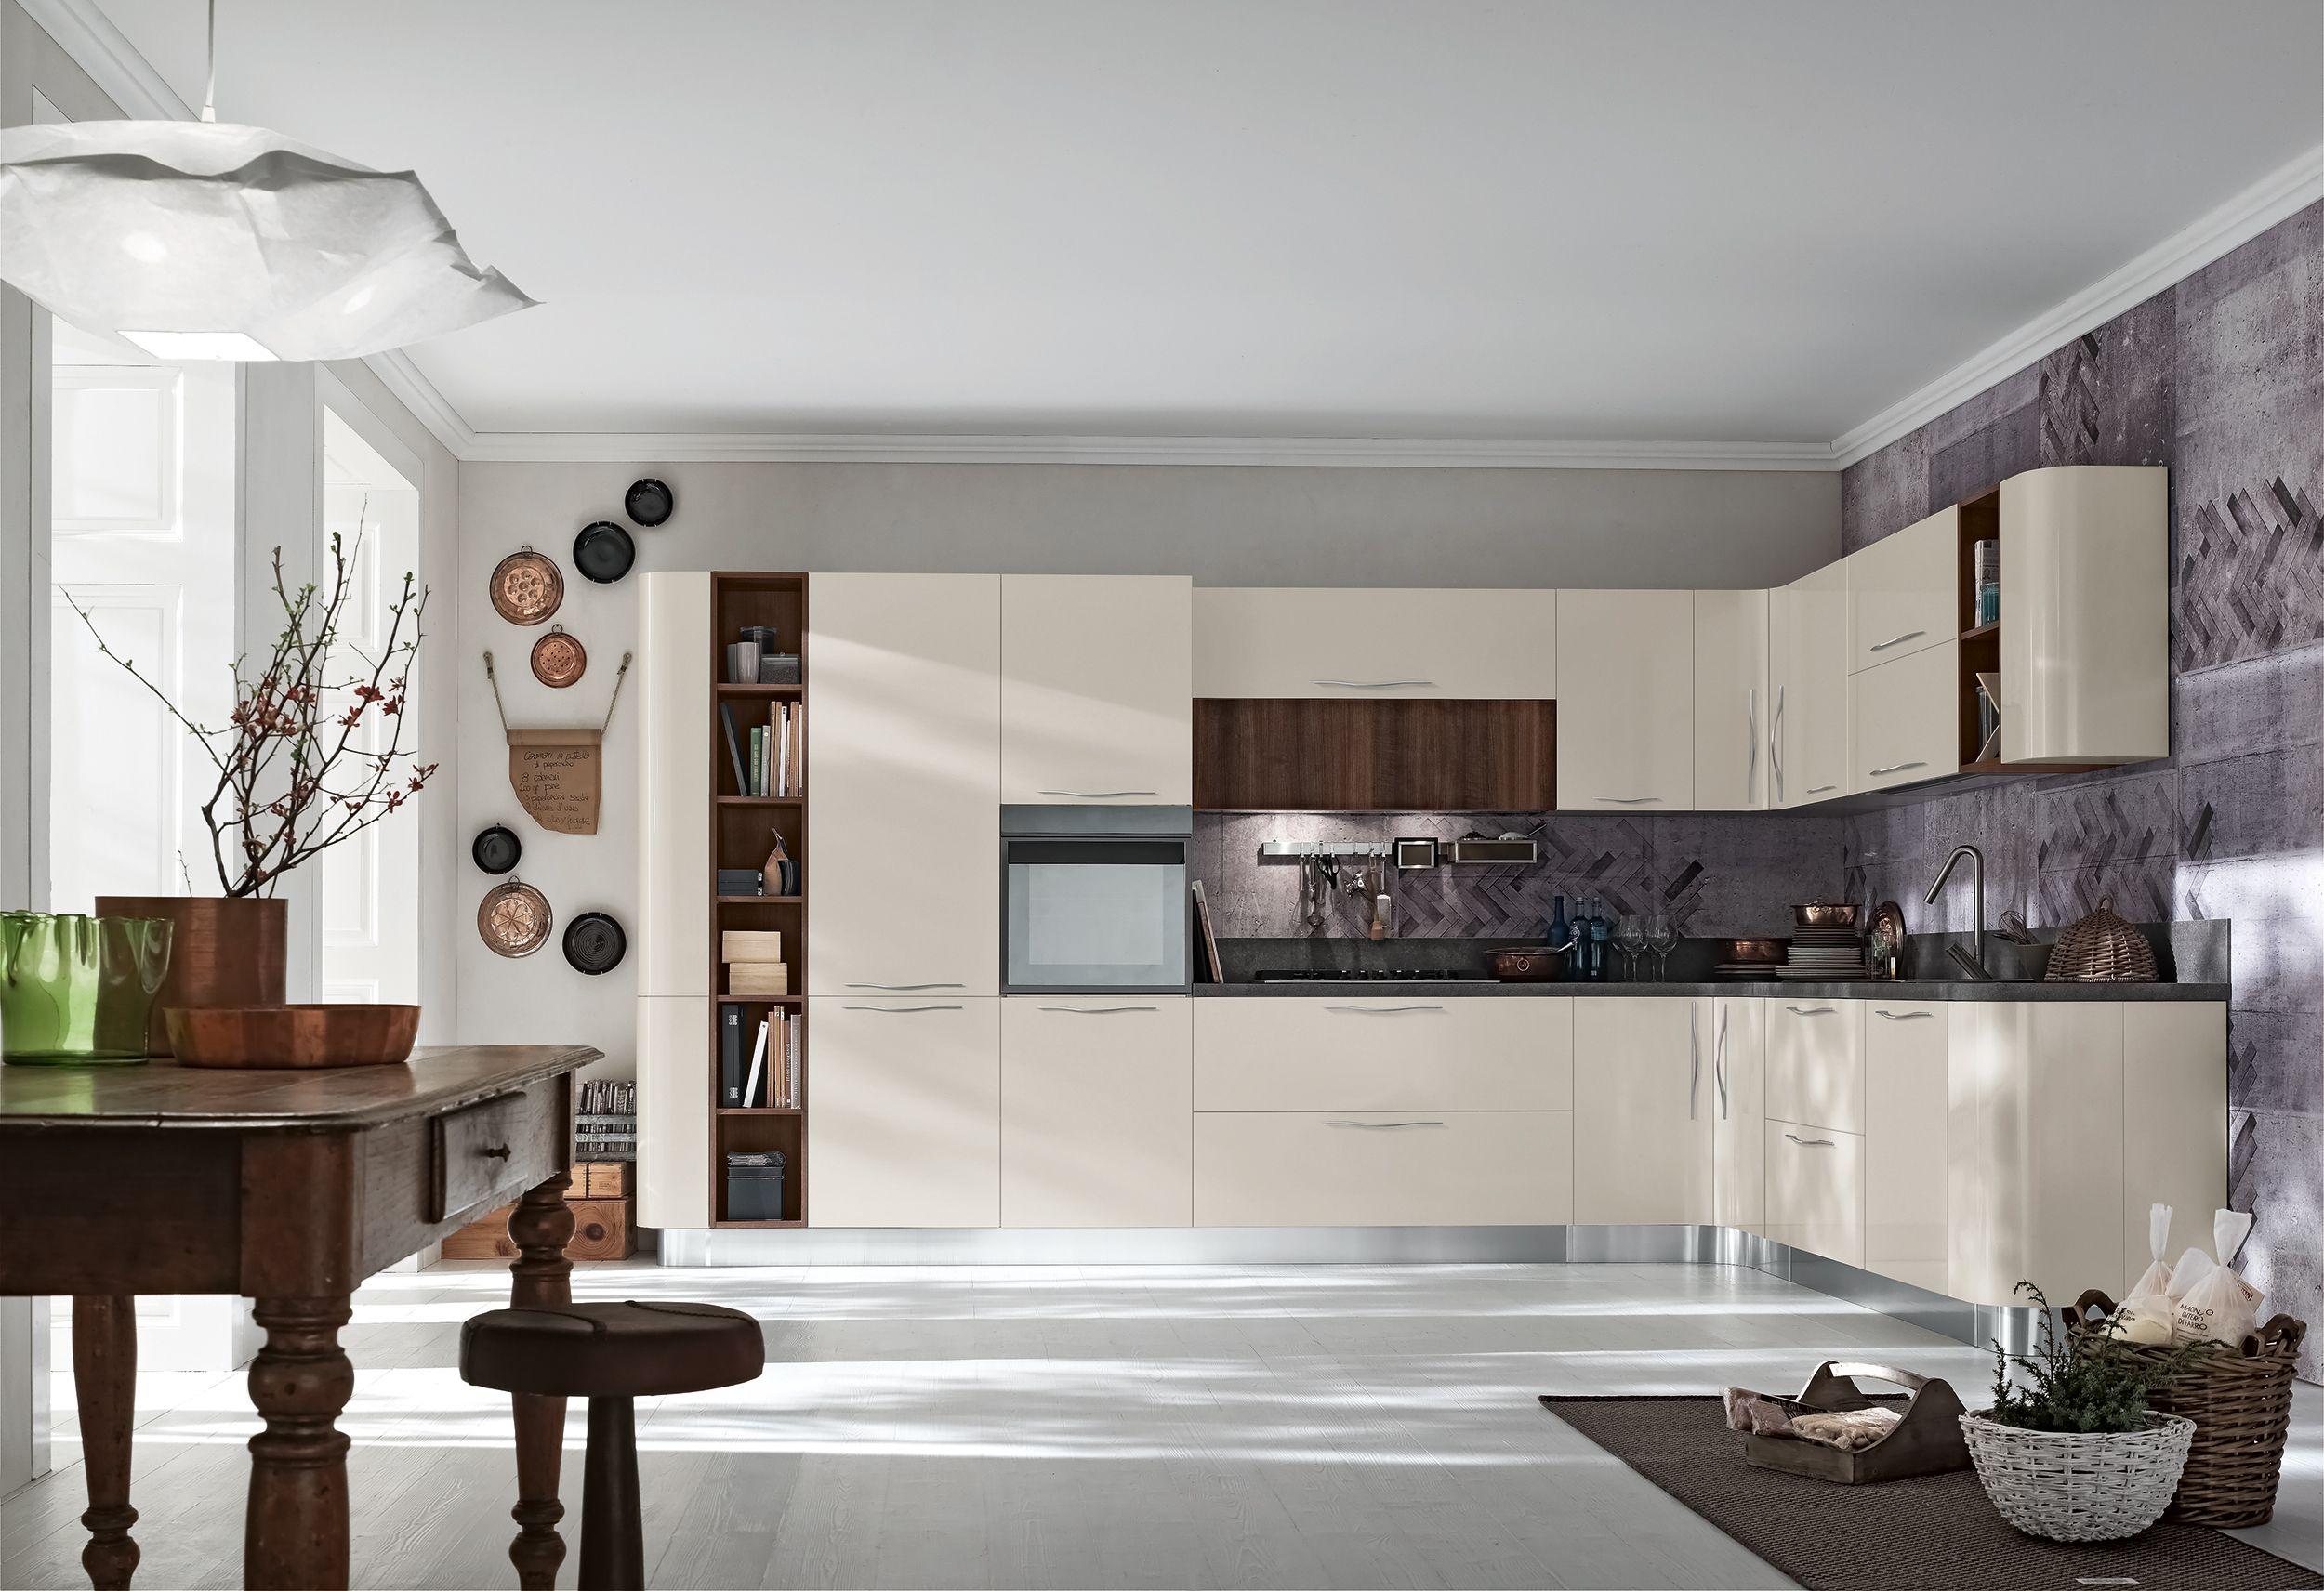 Kitchen Self Design Brilliant Stosa Maya Un Programma Maya Che Permette Di Scegliere Tra 4 Design Decoration